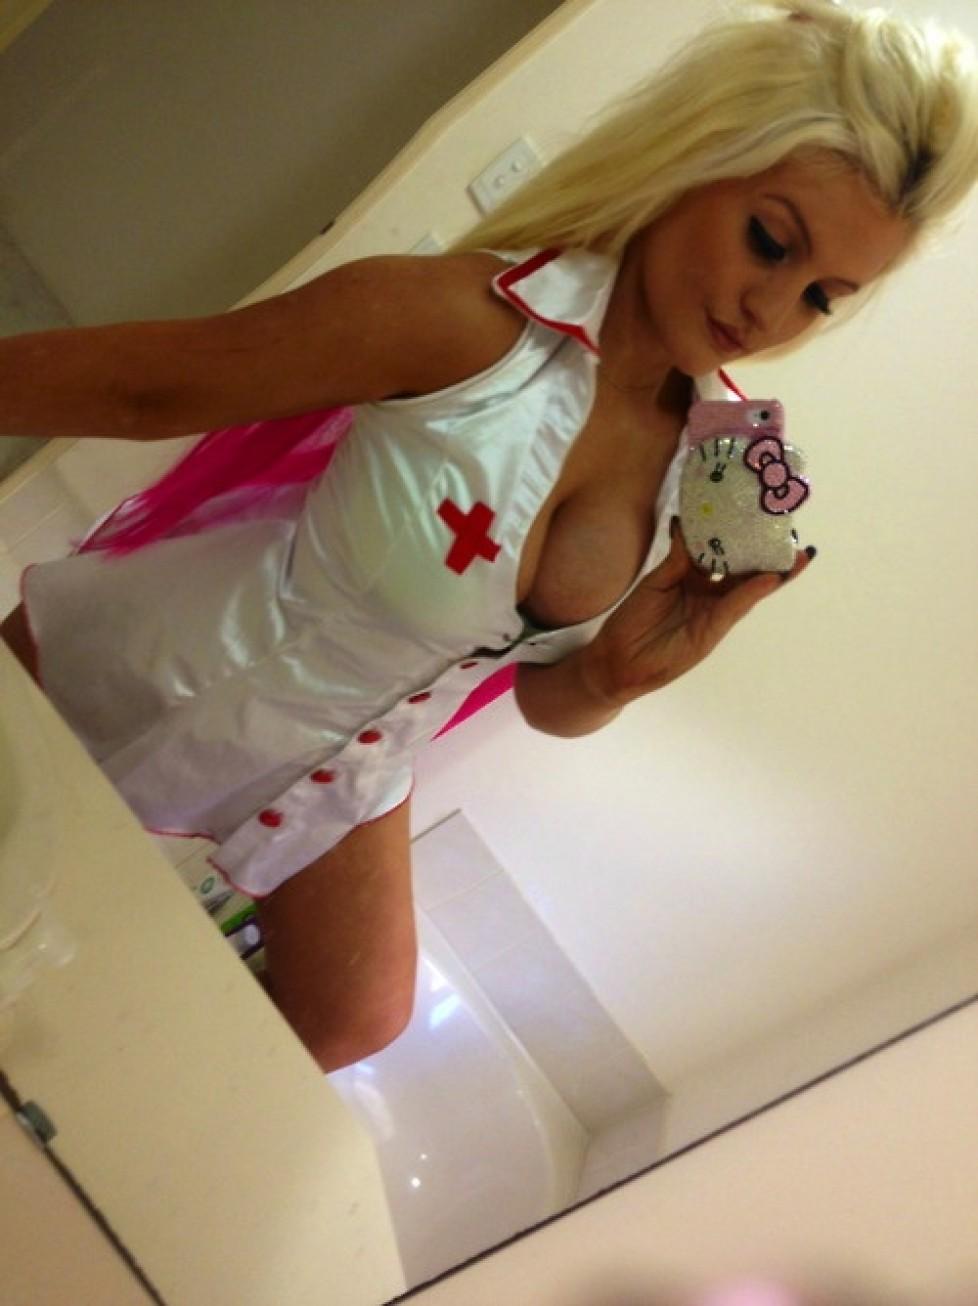 sexy nurse hot non nude pics